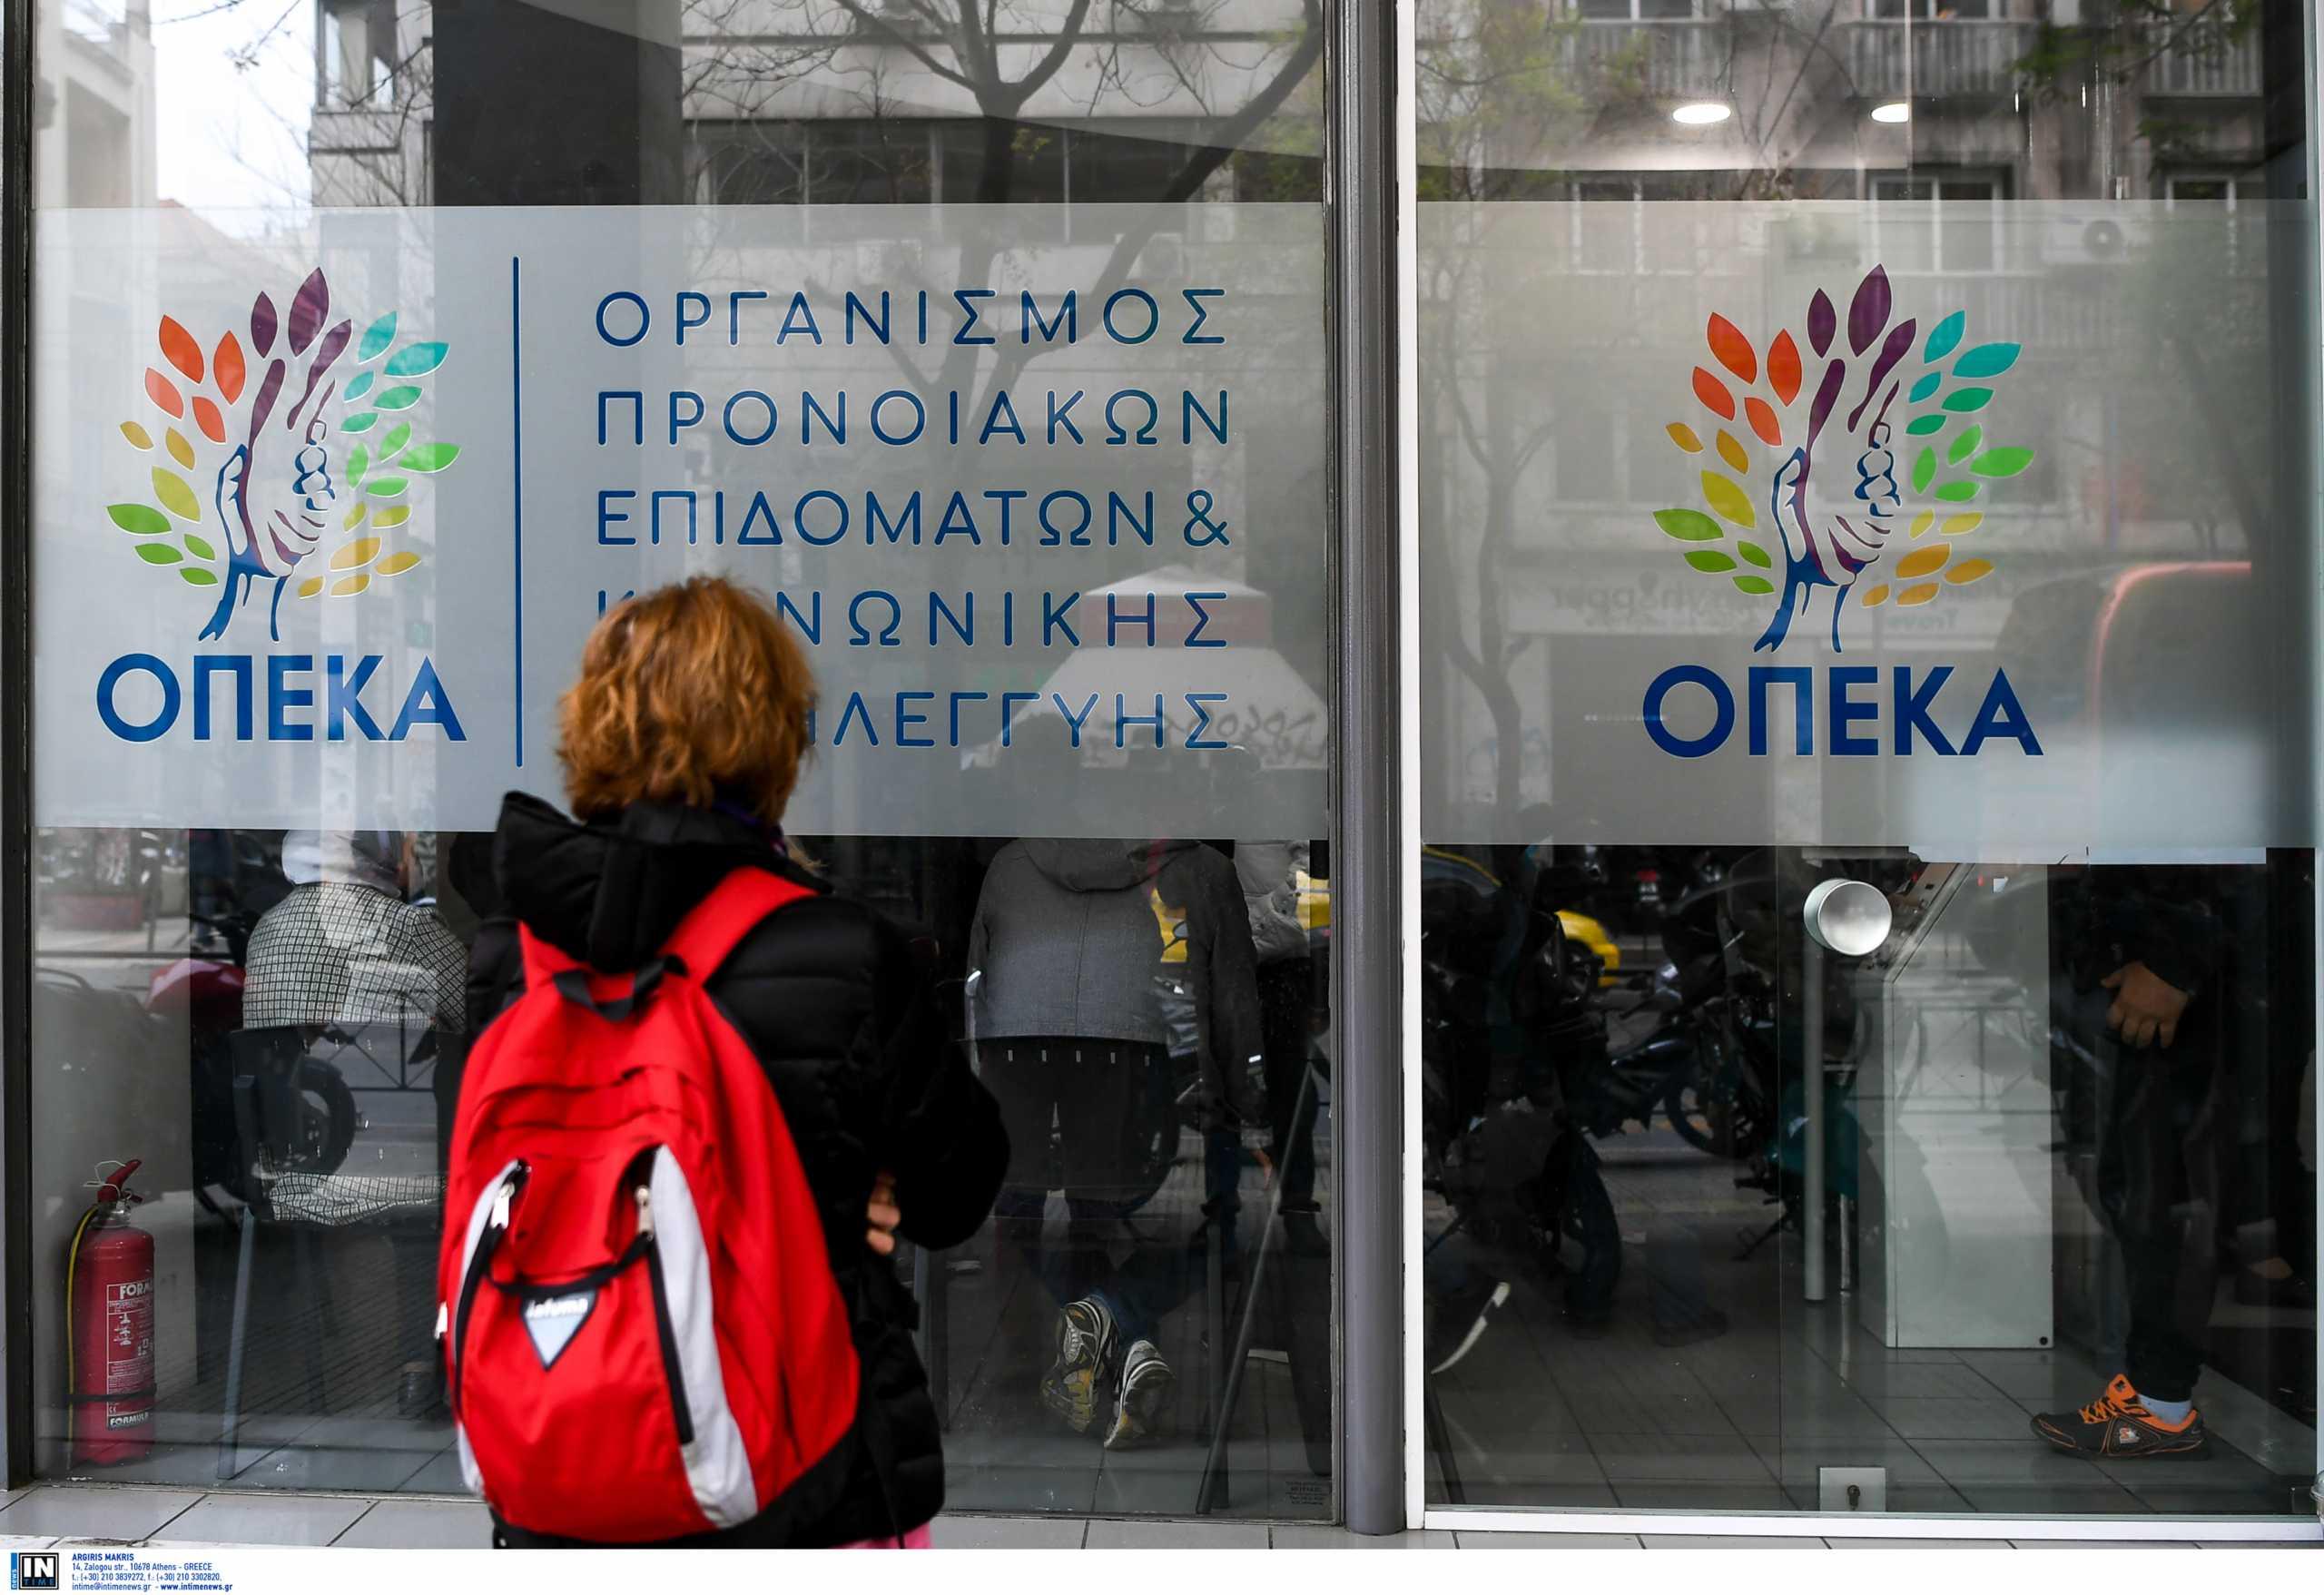 Επίδομα παιδιού: Άνοιξε η πλατφόρμα του ΟΠΕΚΑ για τις αιτήσεις – Τι πρέπει να γνωρίζετε